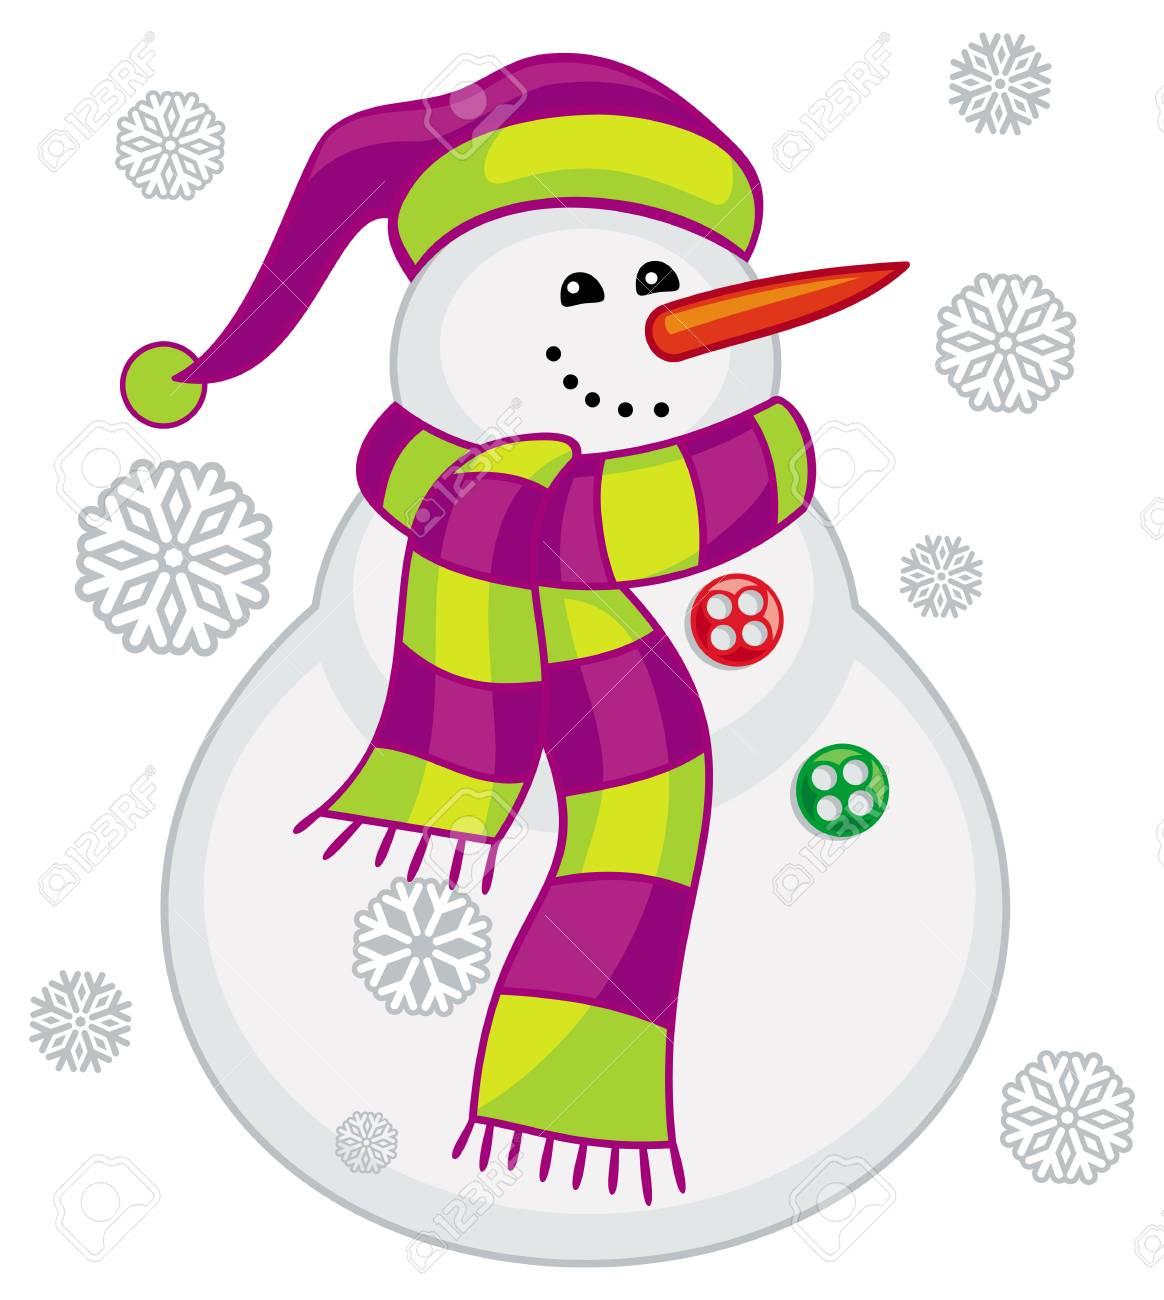 スカーフ帽子雪片のかわいい雪だるまベクター クリップ アートの